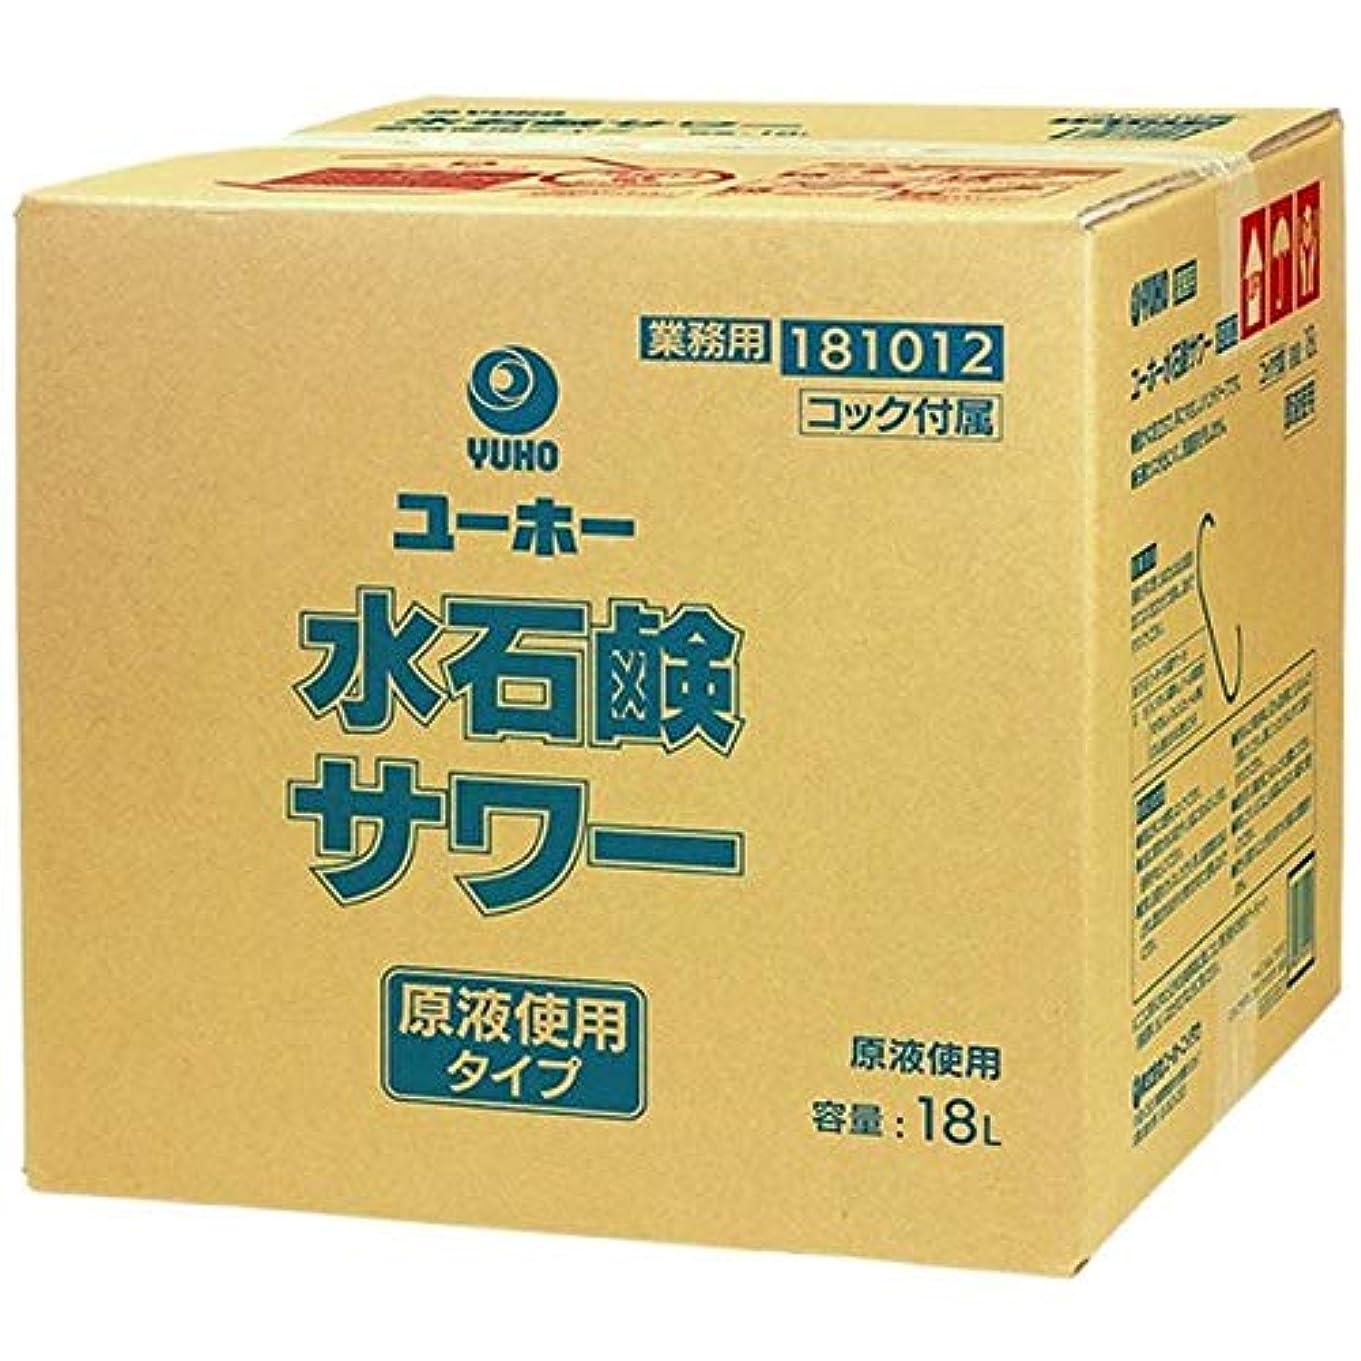 カバー珍しい祈り業務用 ハンドソープ 水石鹸サワー 原液タイプ 18L 181011 (希釈しないで使用できる原液タイプのハンドソープ)